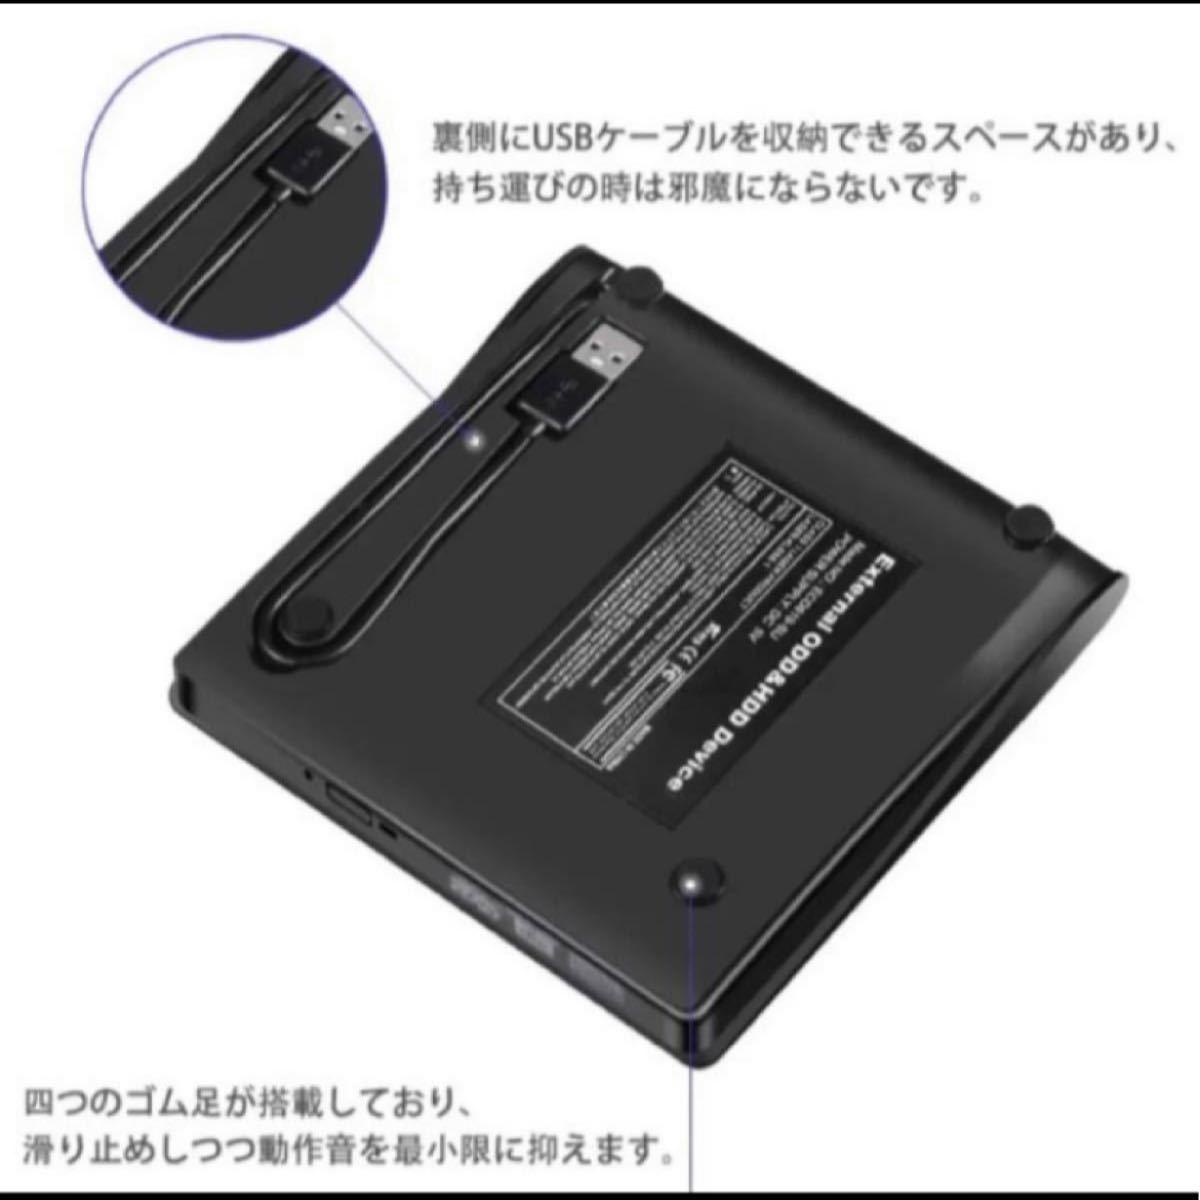 最新版 USB3.0 外付け DVD ドライブ CD/DVDプレーヤー ポータブルDVDプレーヤー 高速 薄型 静音